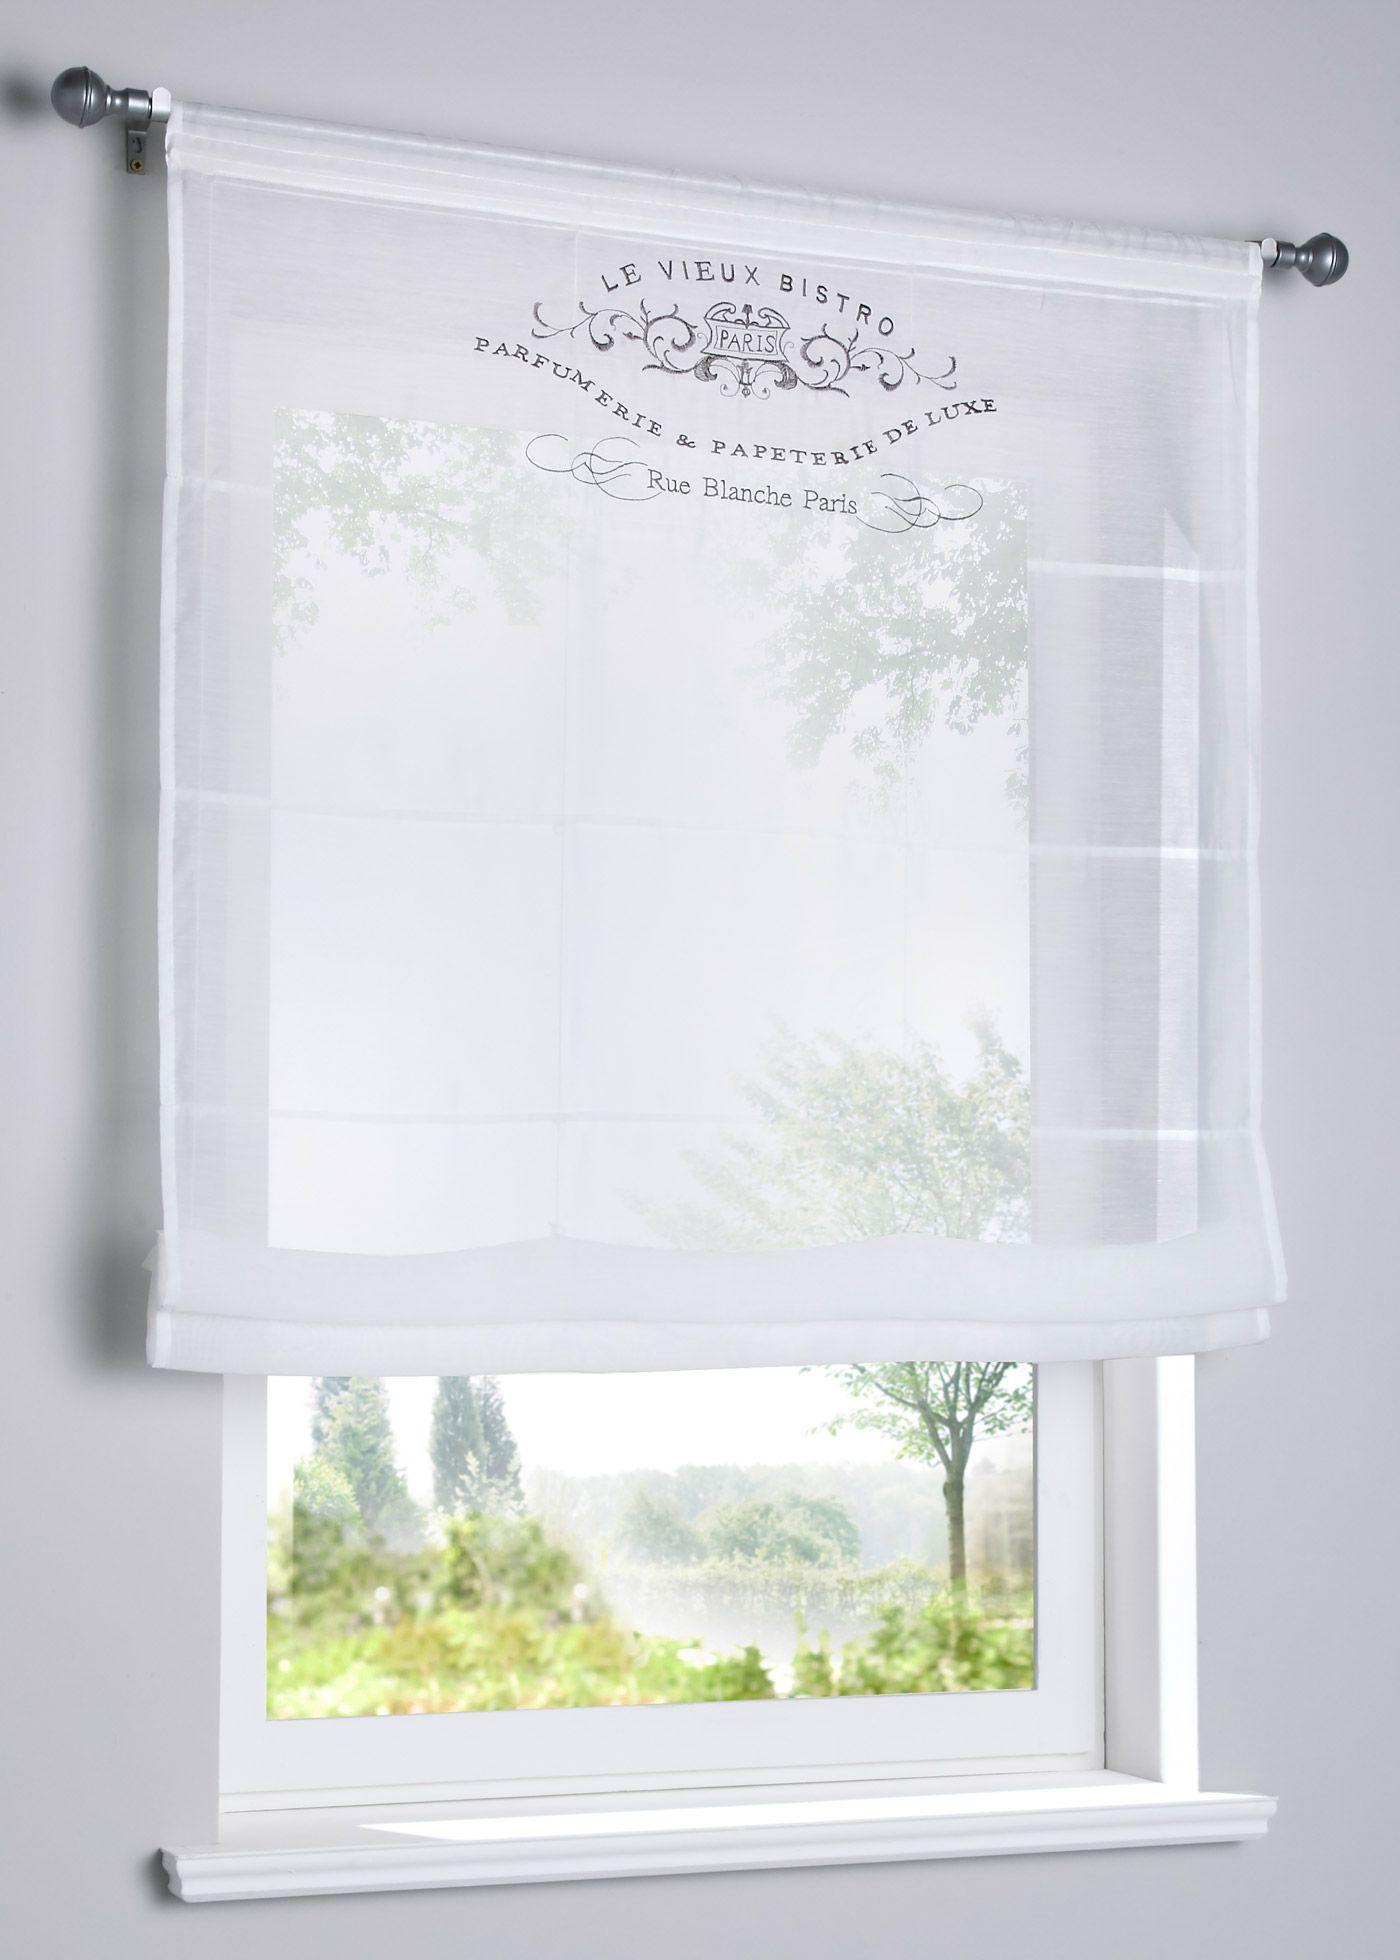 Full Size of Transparentes Raffrollo Mit Stickerei In 2020 Gardinen Küche Schlafzimmer Für Bonprix Betten Wohnzimmer Die Fenster Scheibengardinen Wohnzimmer Bonprix Gardinen